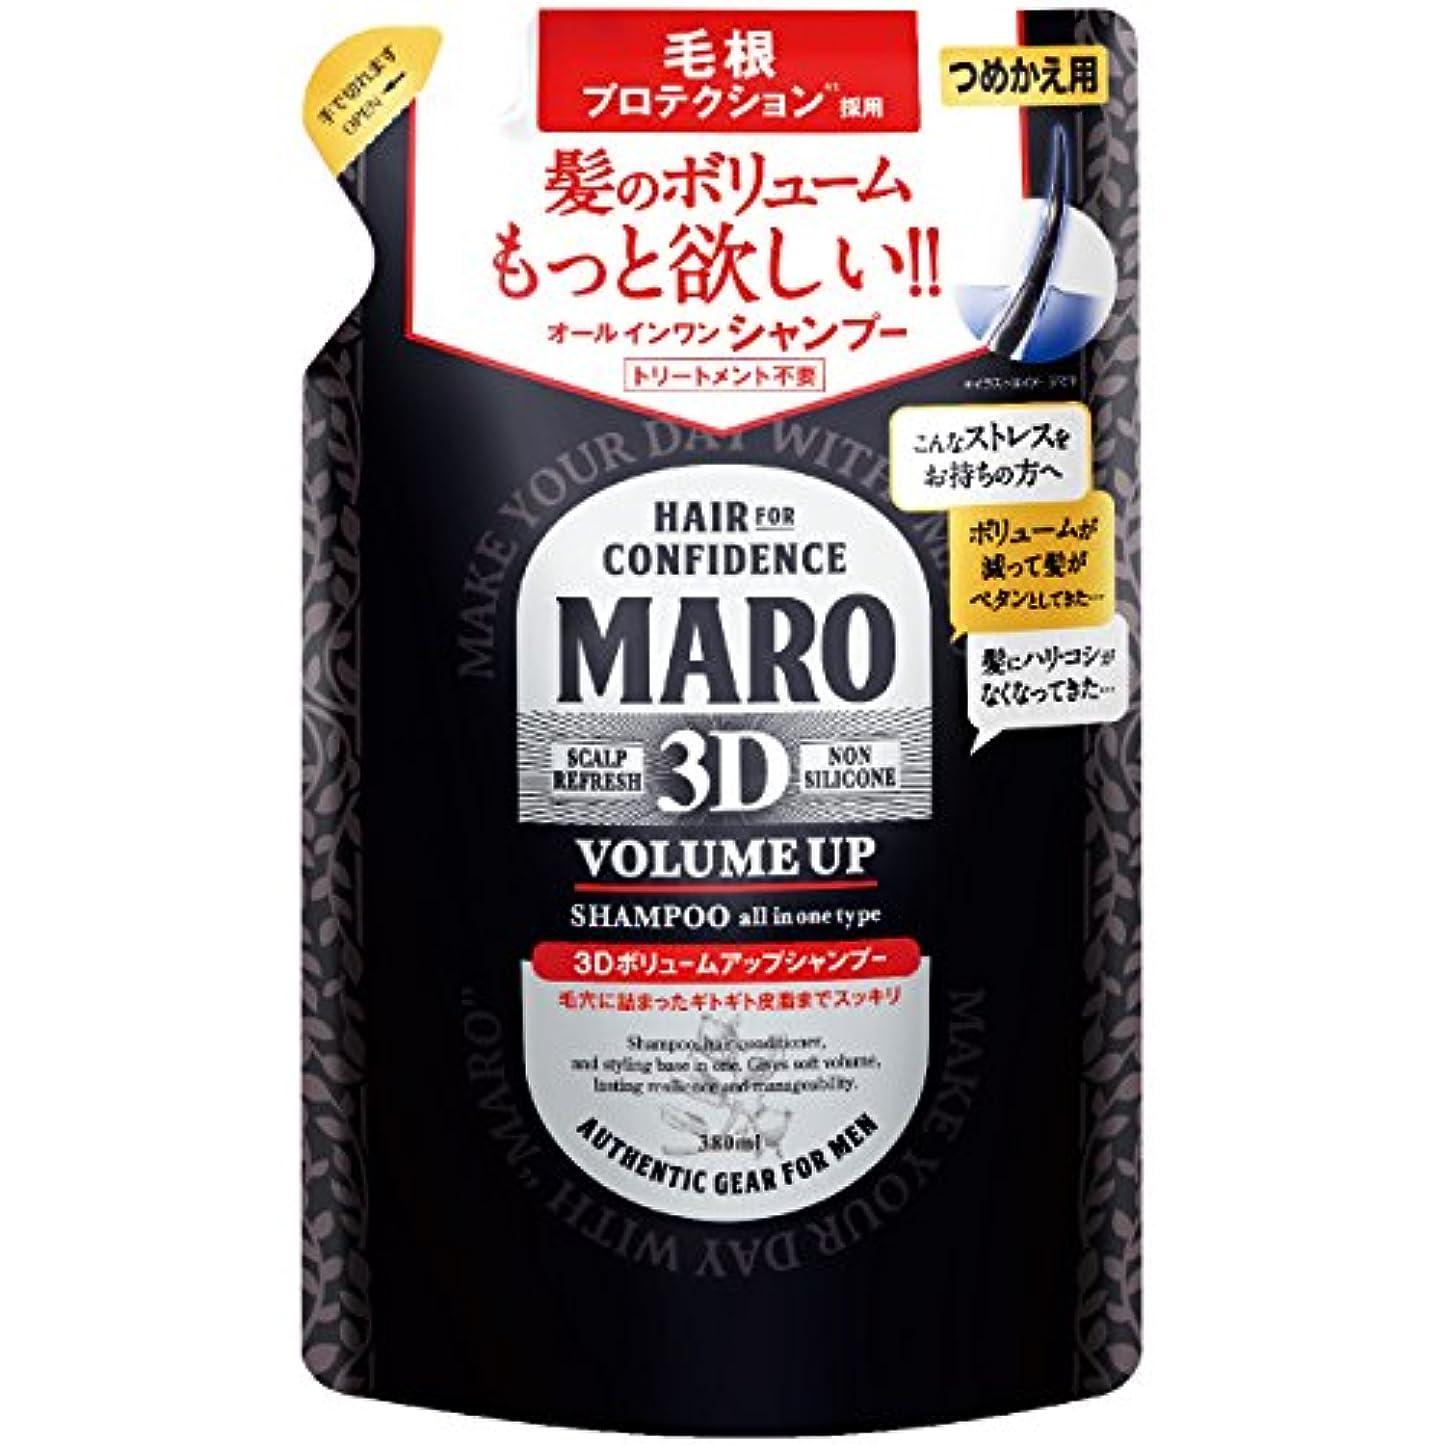 グレートオーク気怠いふけるMARO 3Dボリュームアップ シャンプー EX 詰め替え 380ml